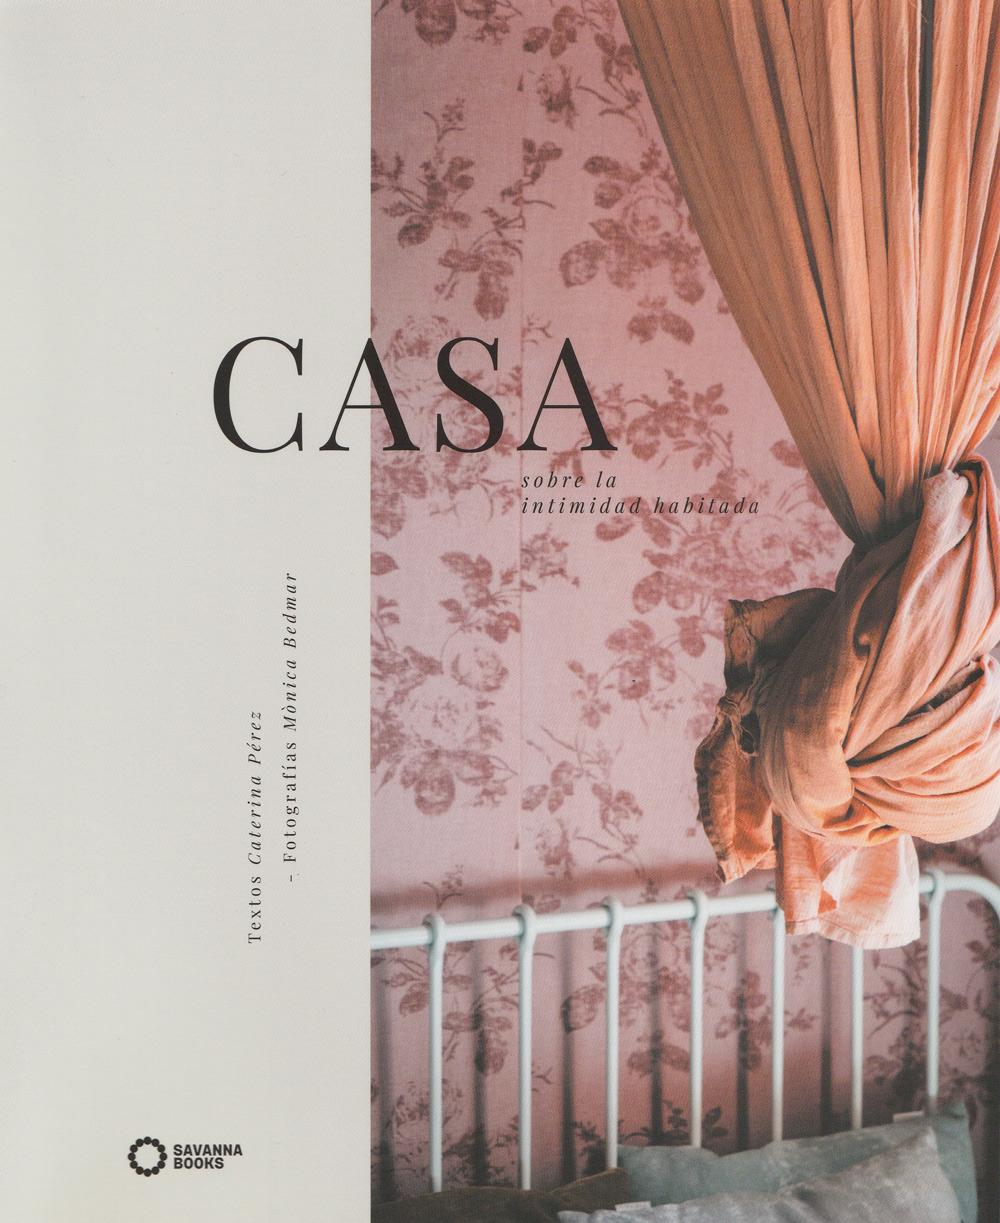 CASA, SOBRE LA INTIMIDAD HABITADA, BOOK, December 2018.